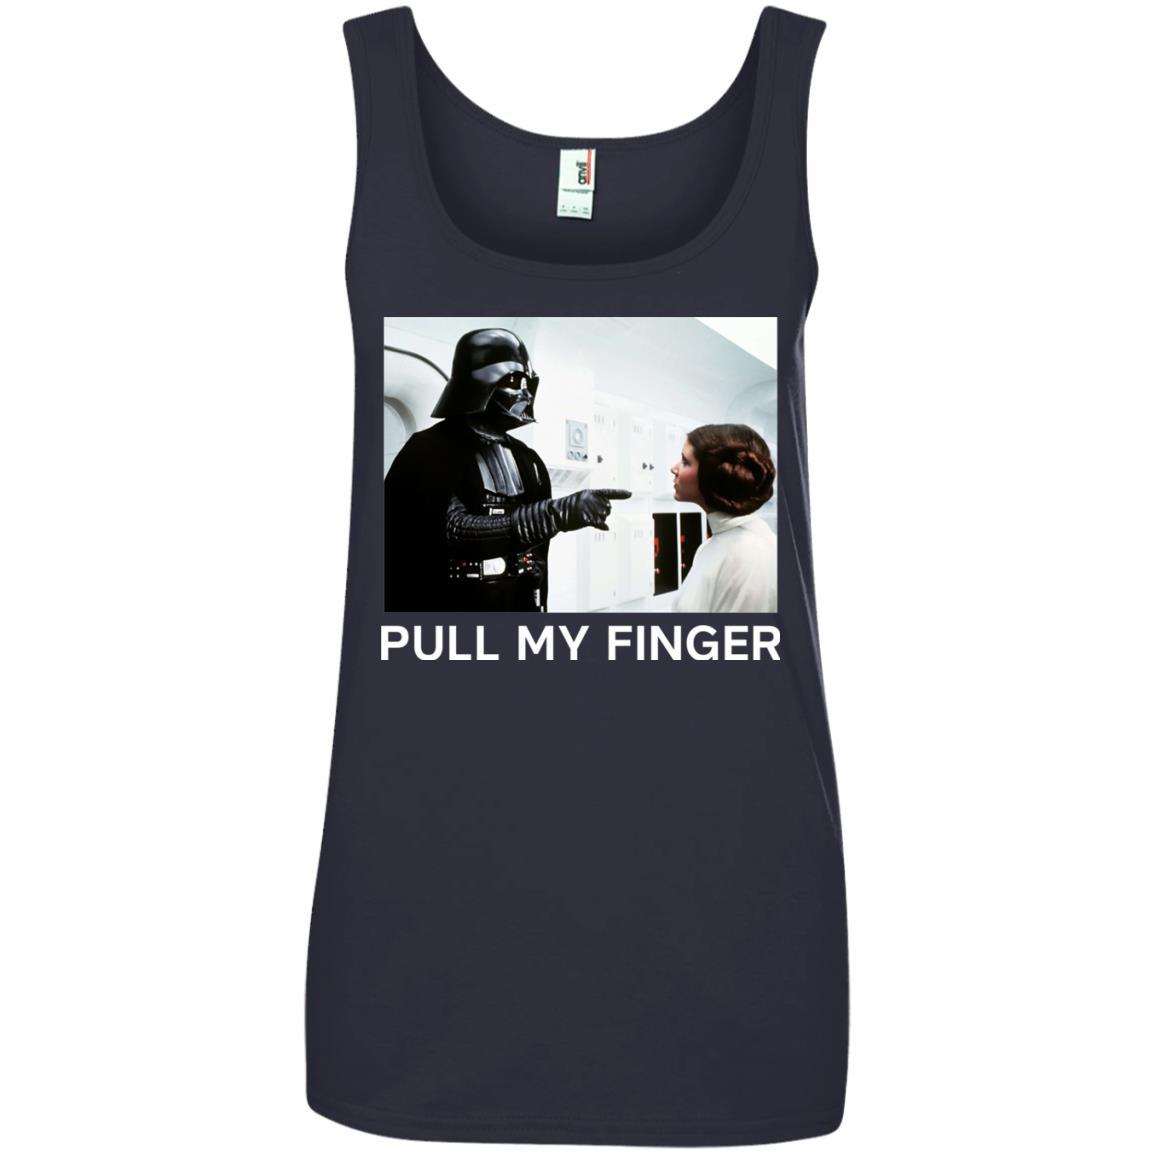 image 540 - Star Wars Darth Vader & Princess Leia: Pull My Finger shirt